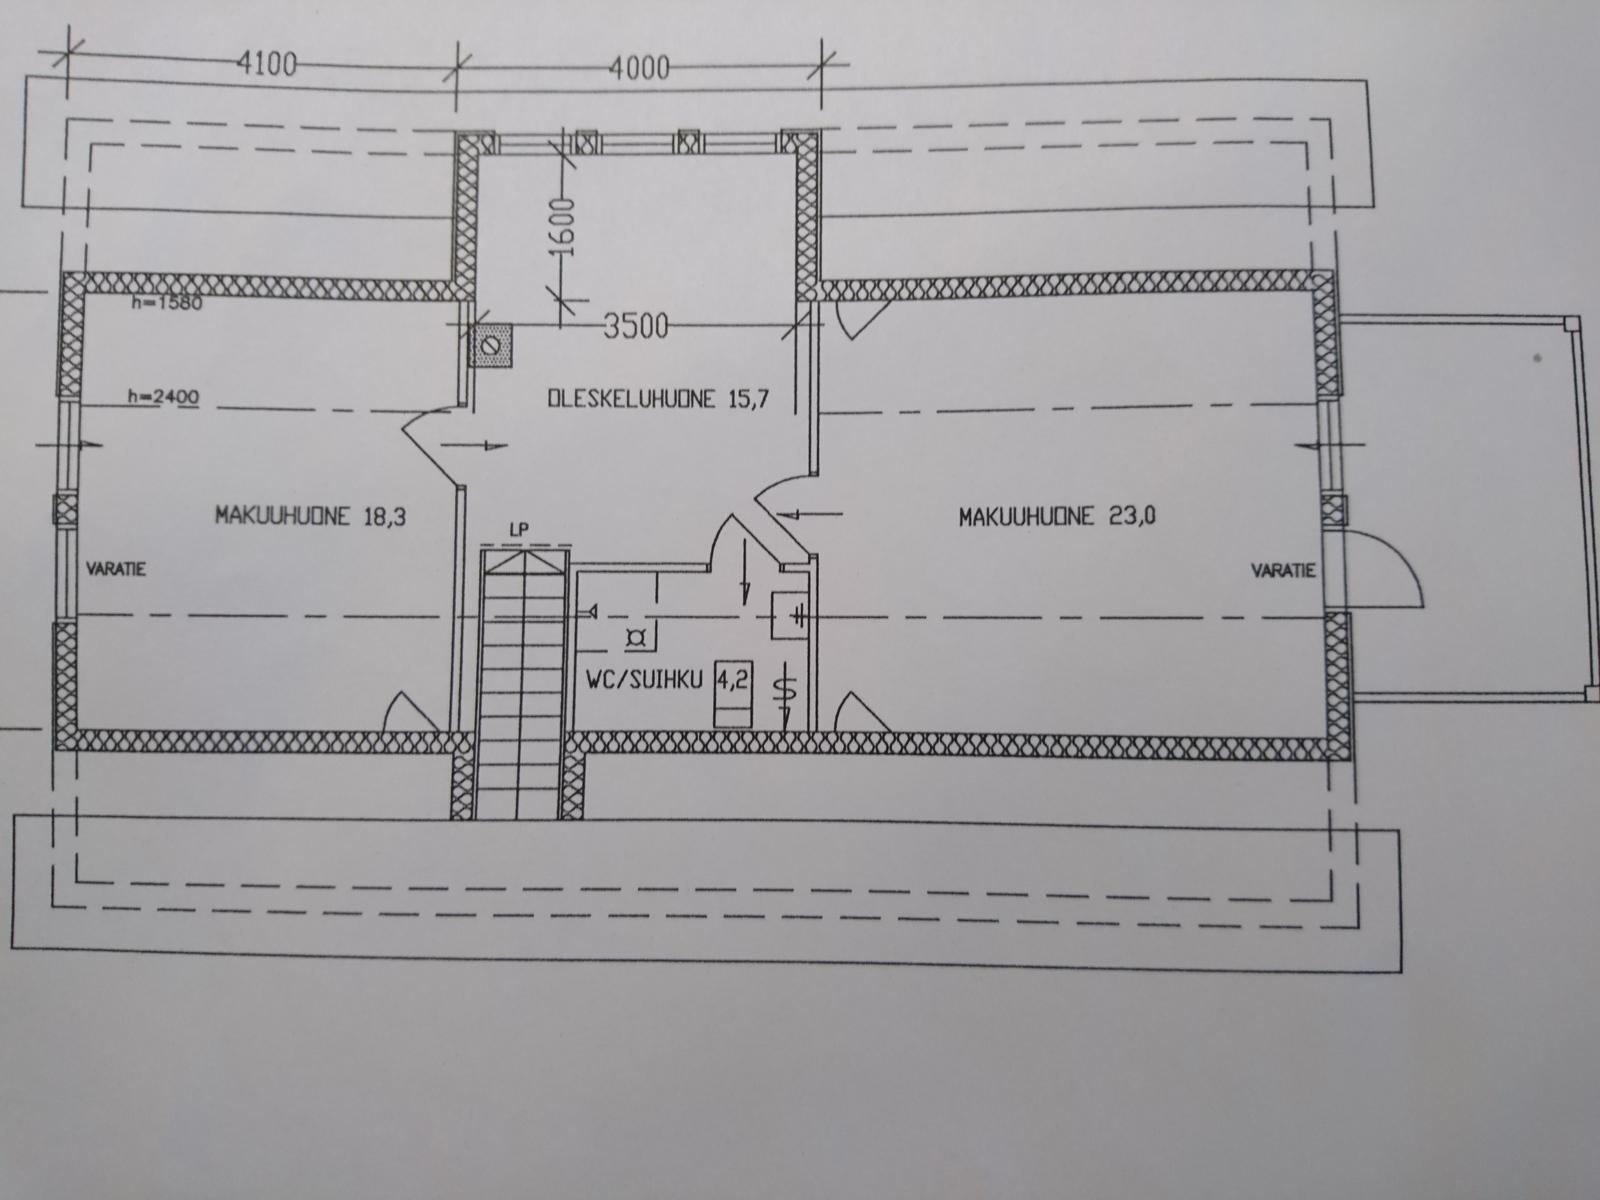 Yläkerran pohjakuva (kuvasta poiketen yläkerrassa ei ole suihkua)